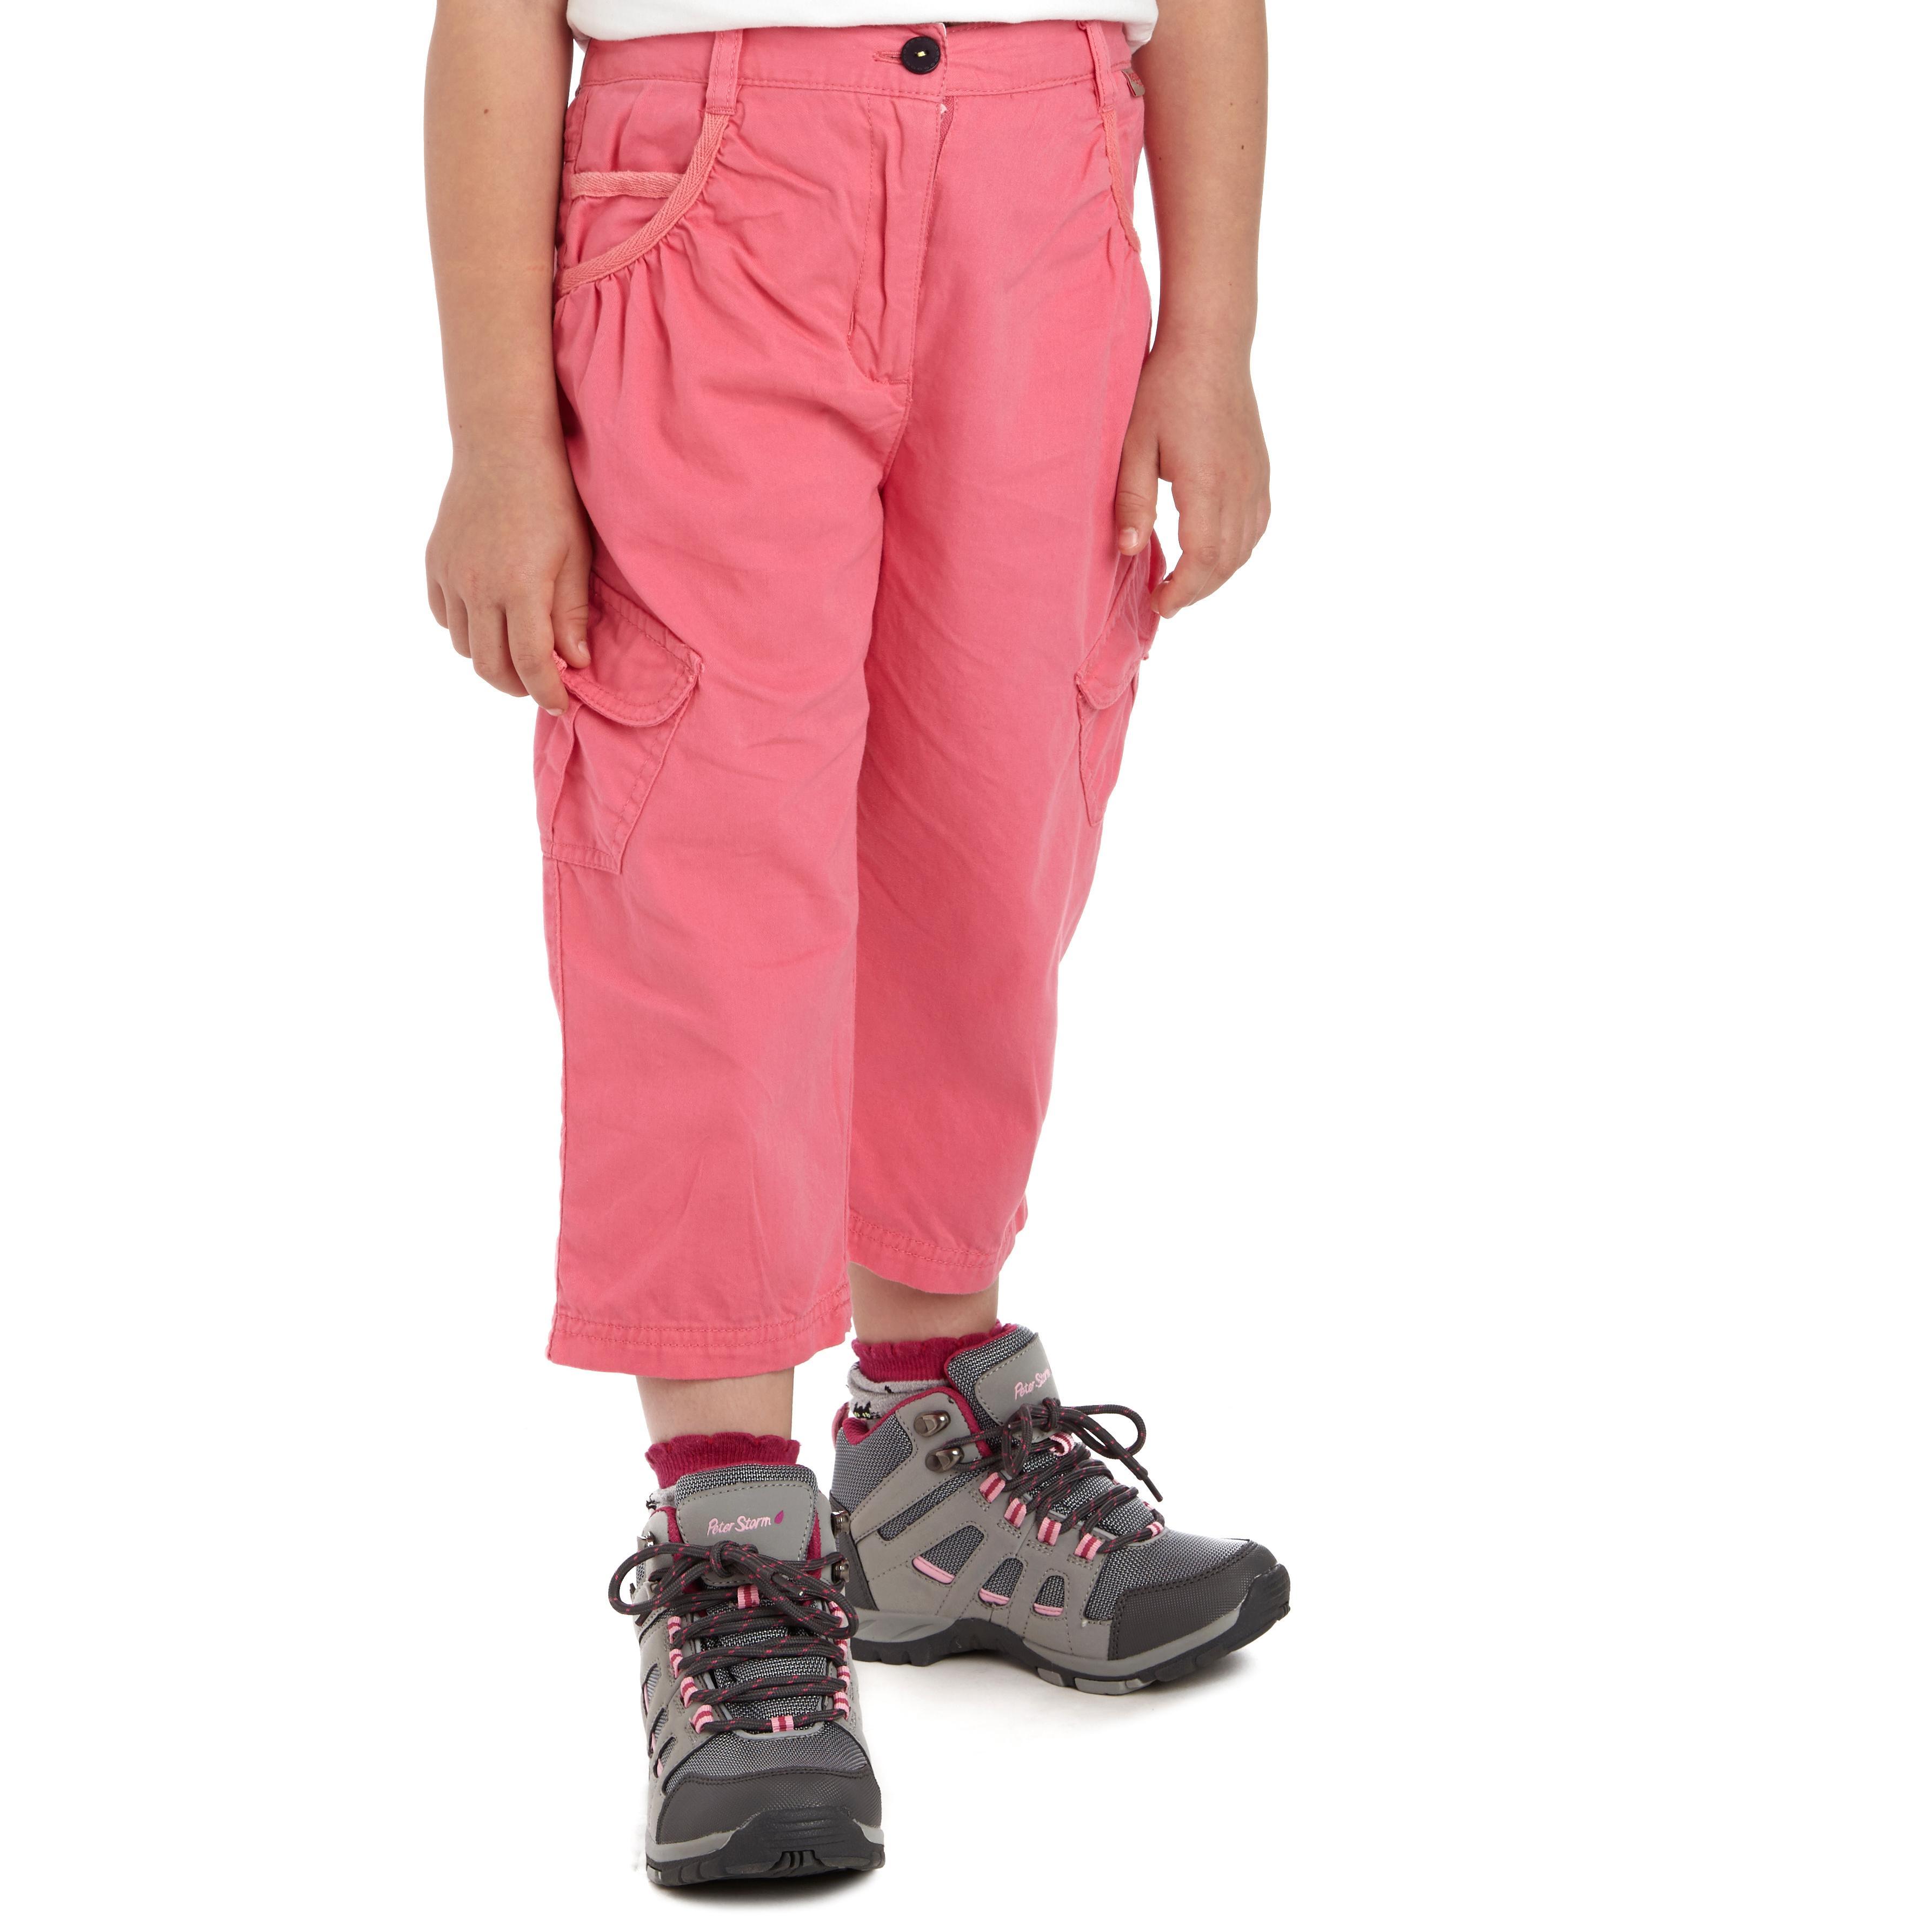 Image of Regatta Girls' Moonshine Capri Pants - Pink/Pink, Pink/Pink